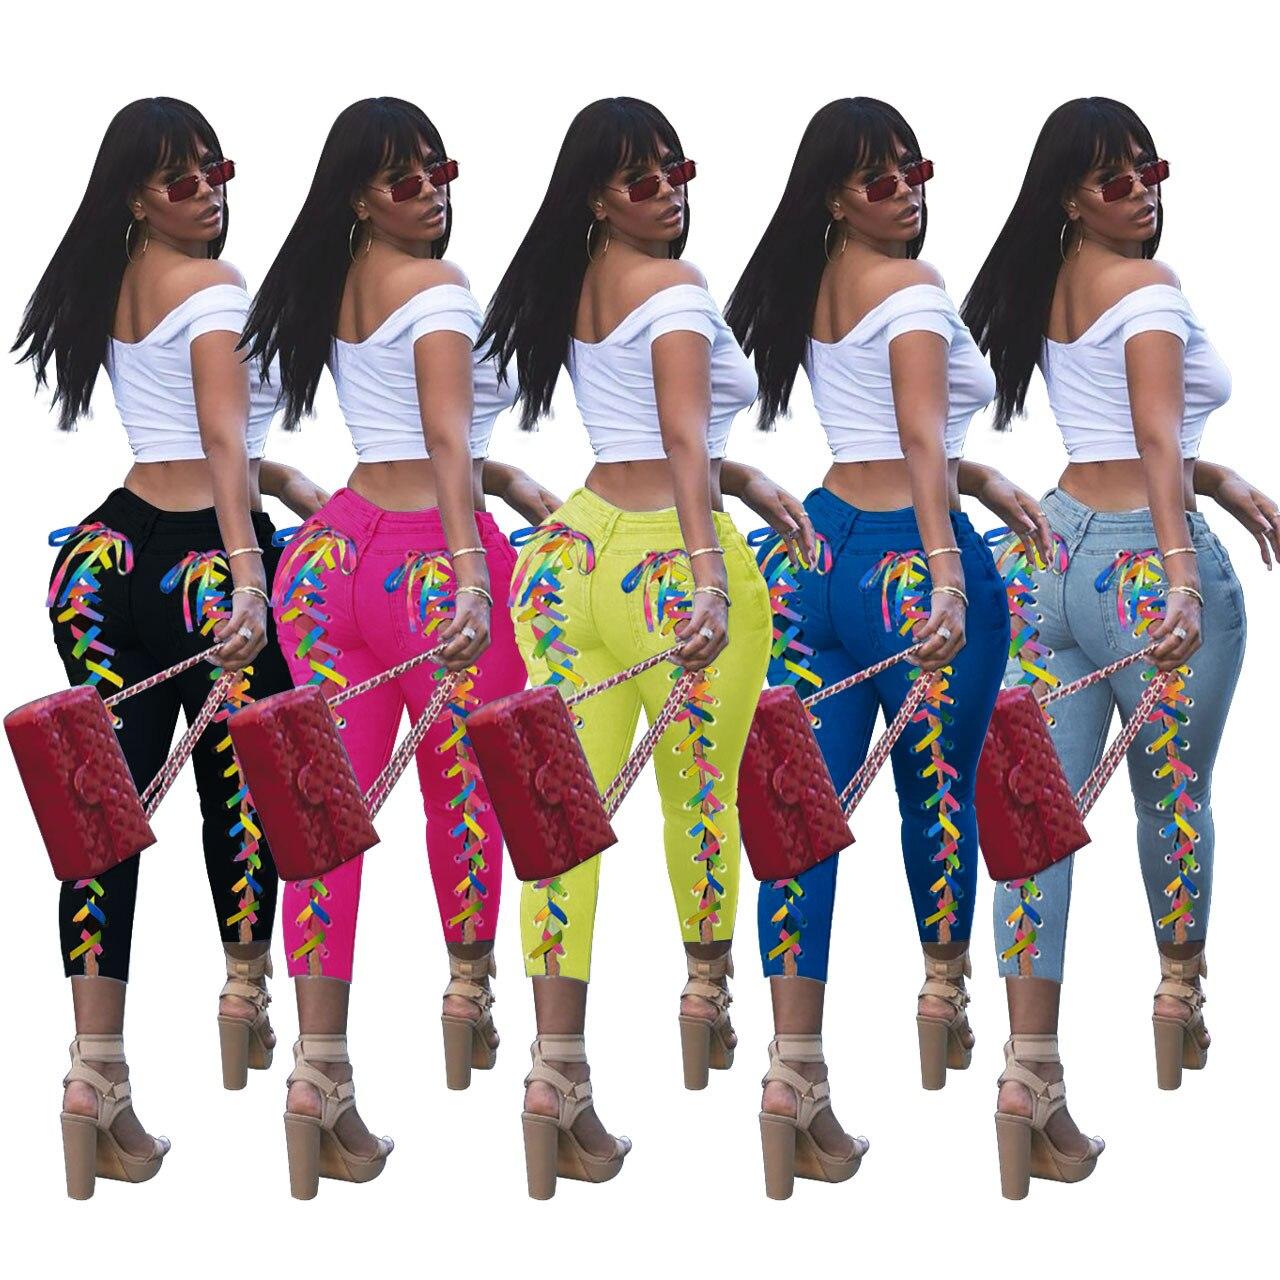 Женские облегающие джинсы в уличном стиле, модные брюки в стиле Харадзюку со шнуровкой и разрезом, джинсы с заниженной талией